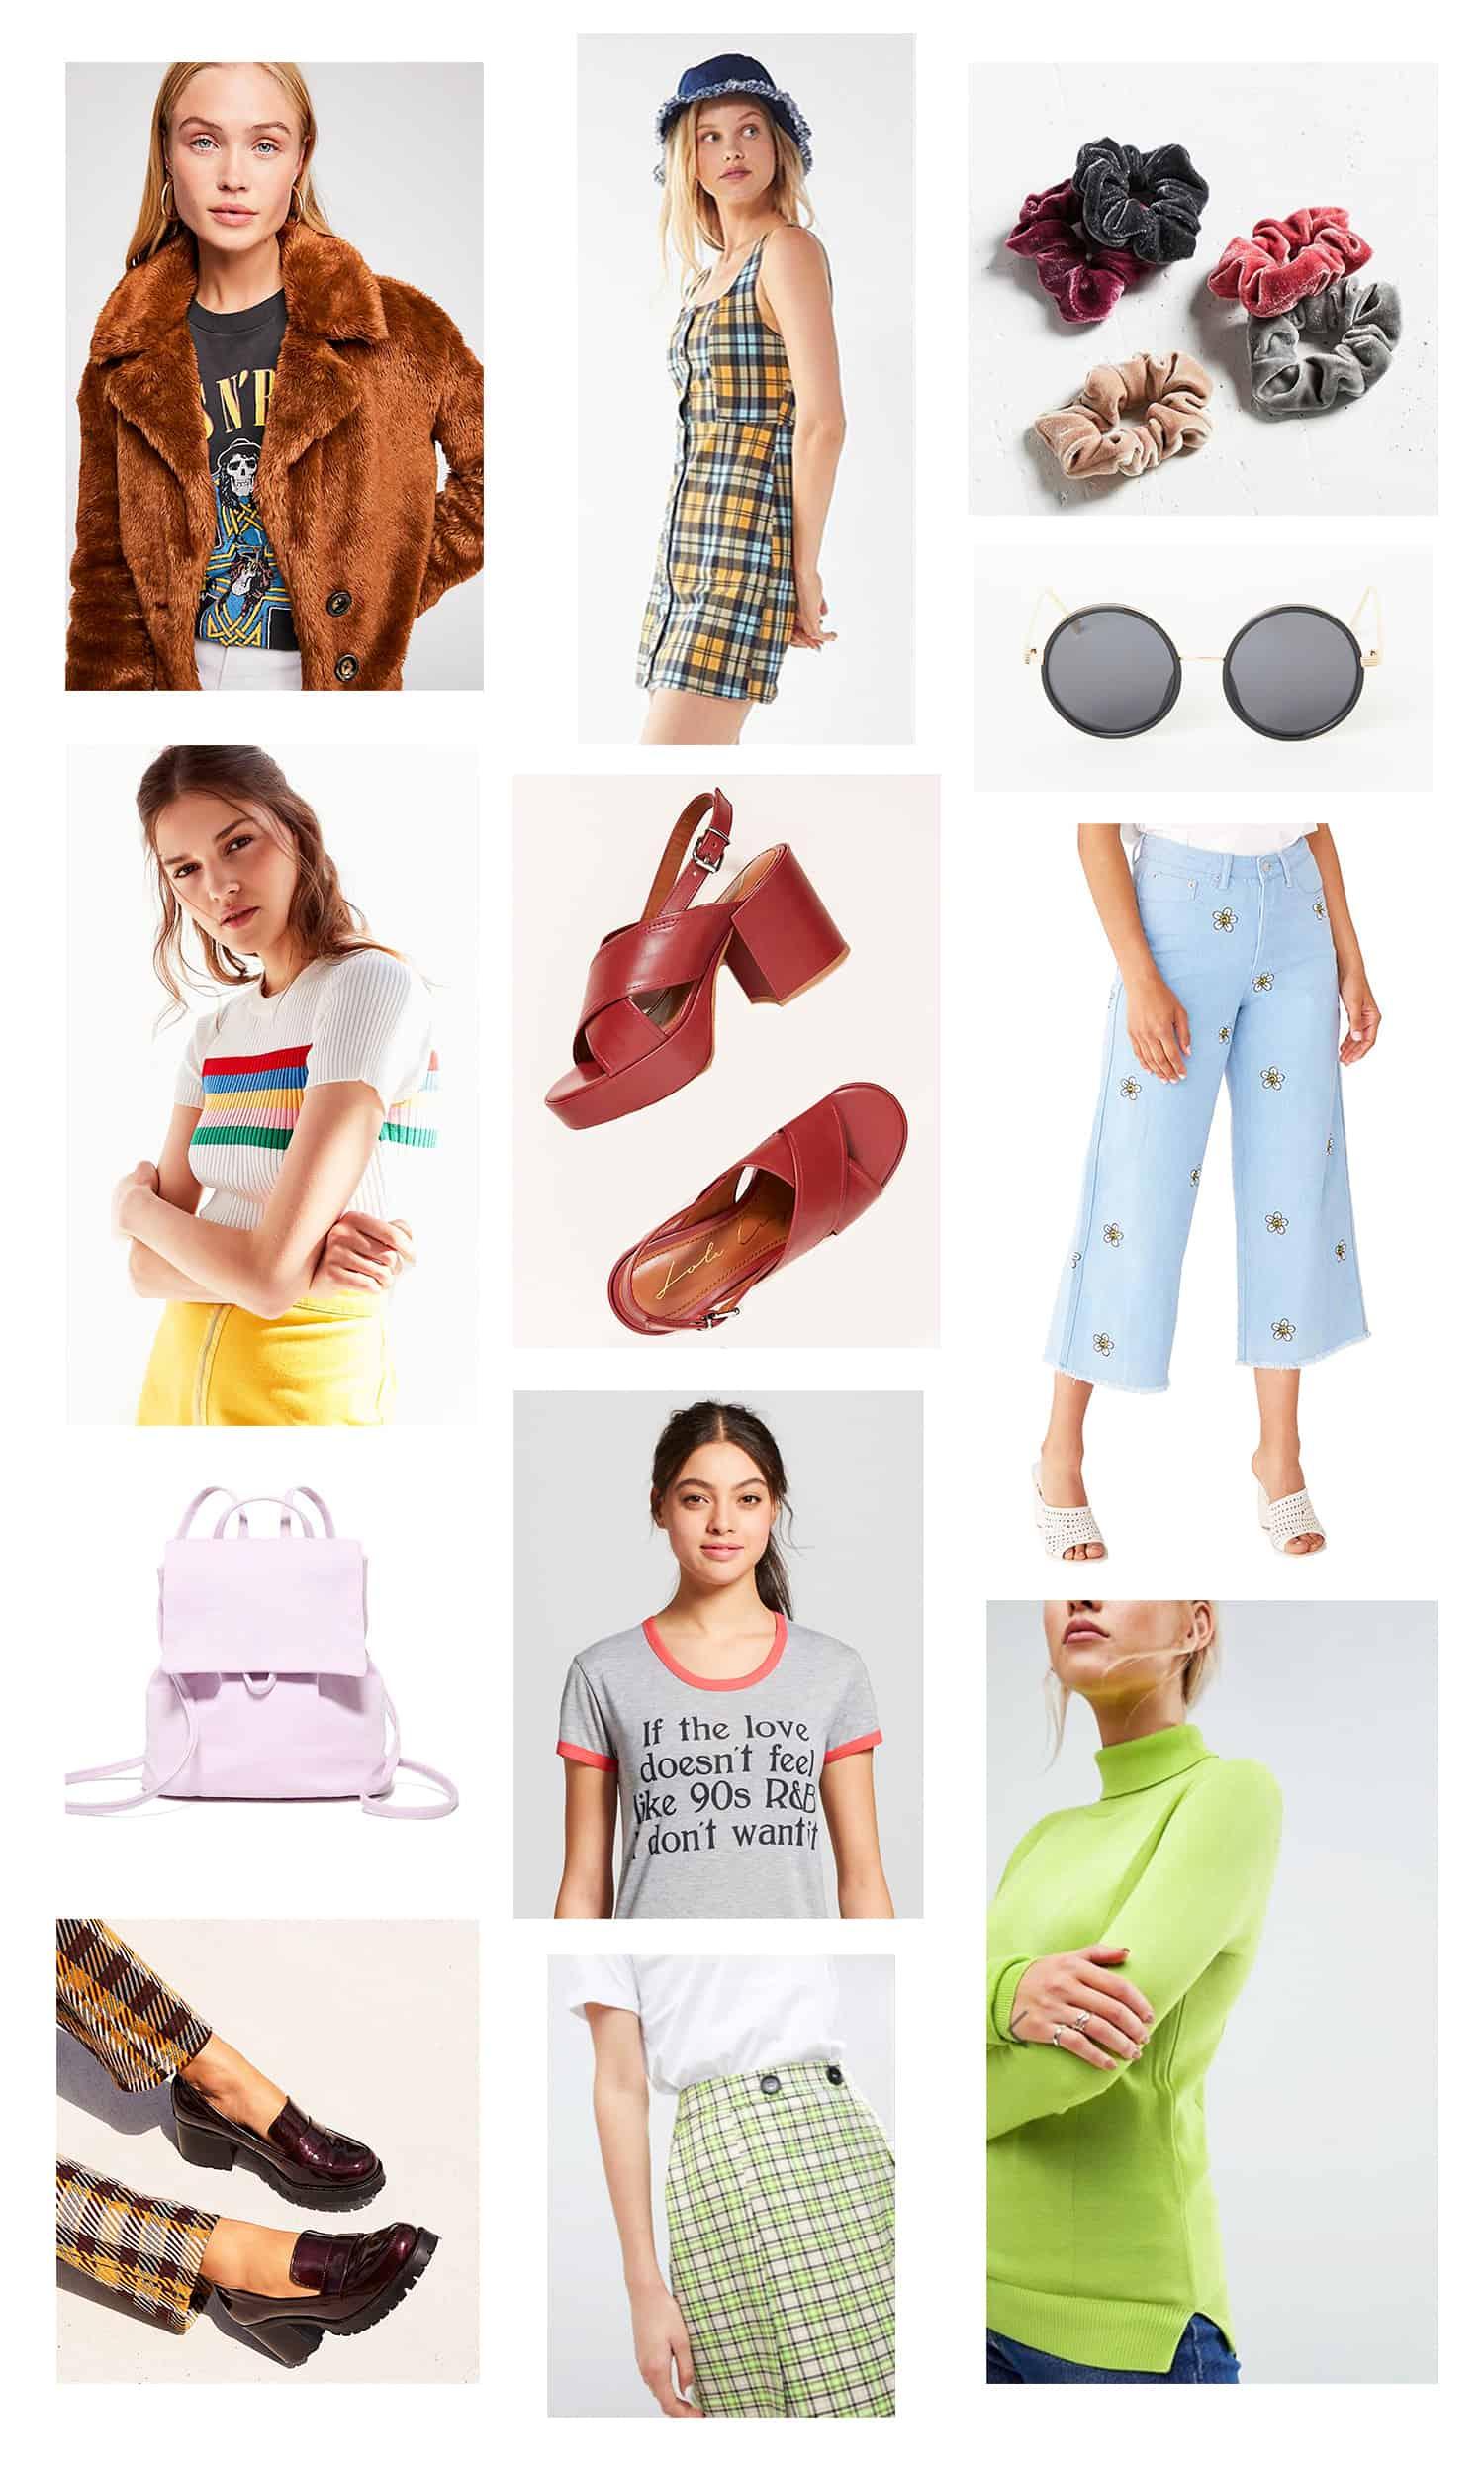 '90s Fall Fashion Wishlist - A Beautiful Mess